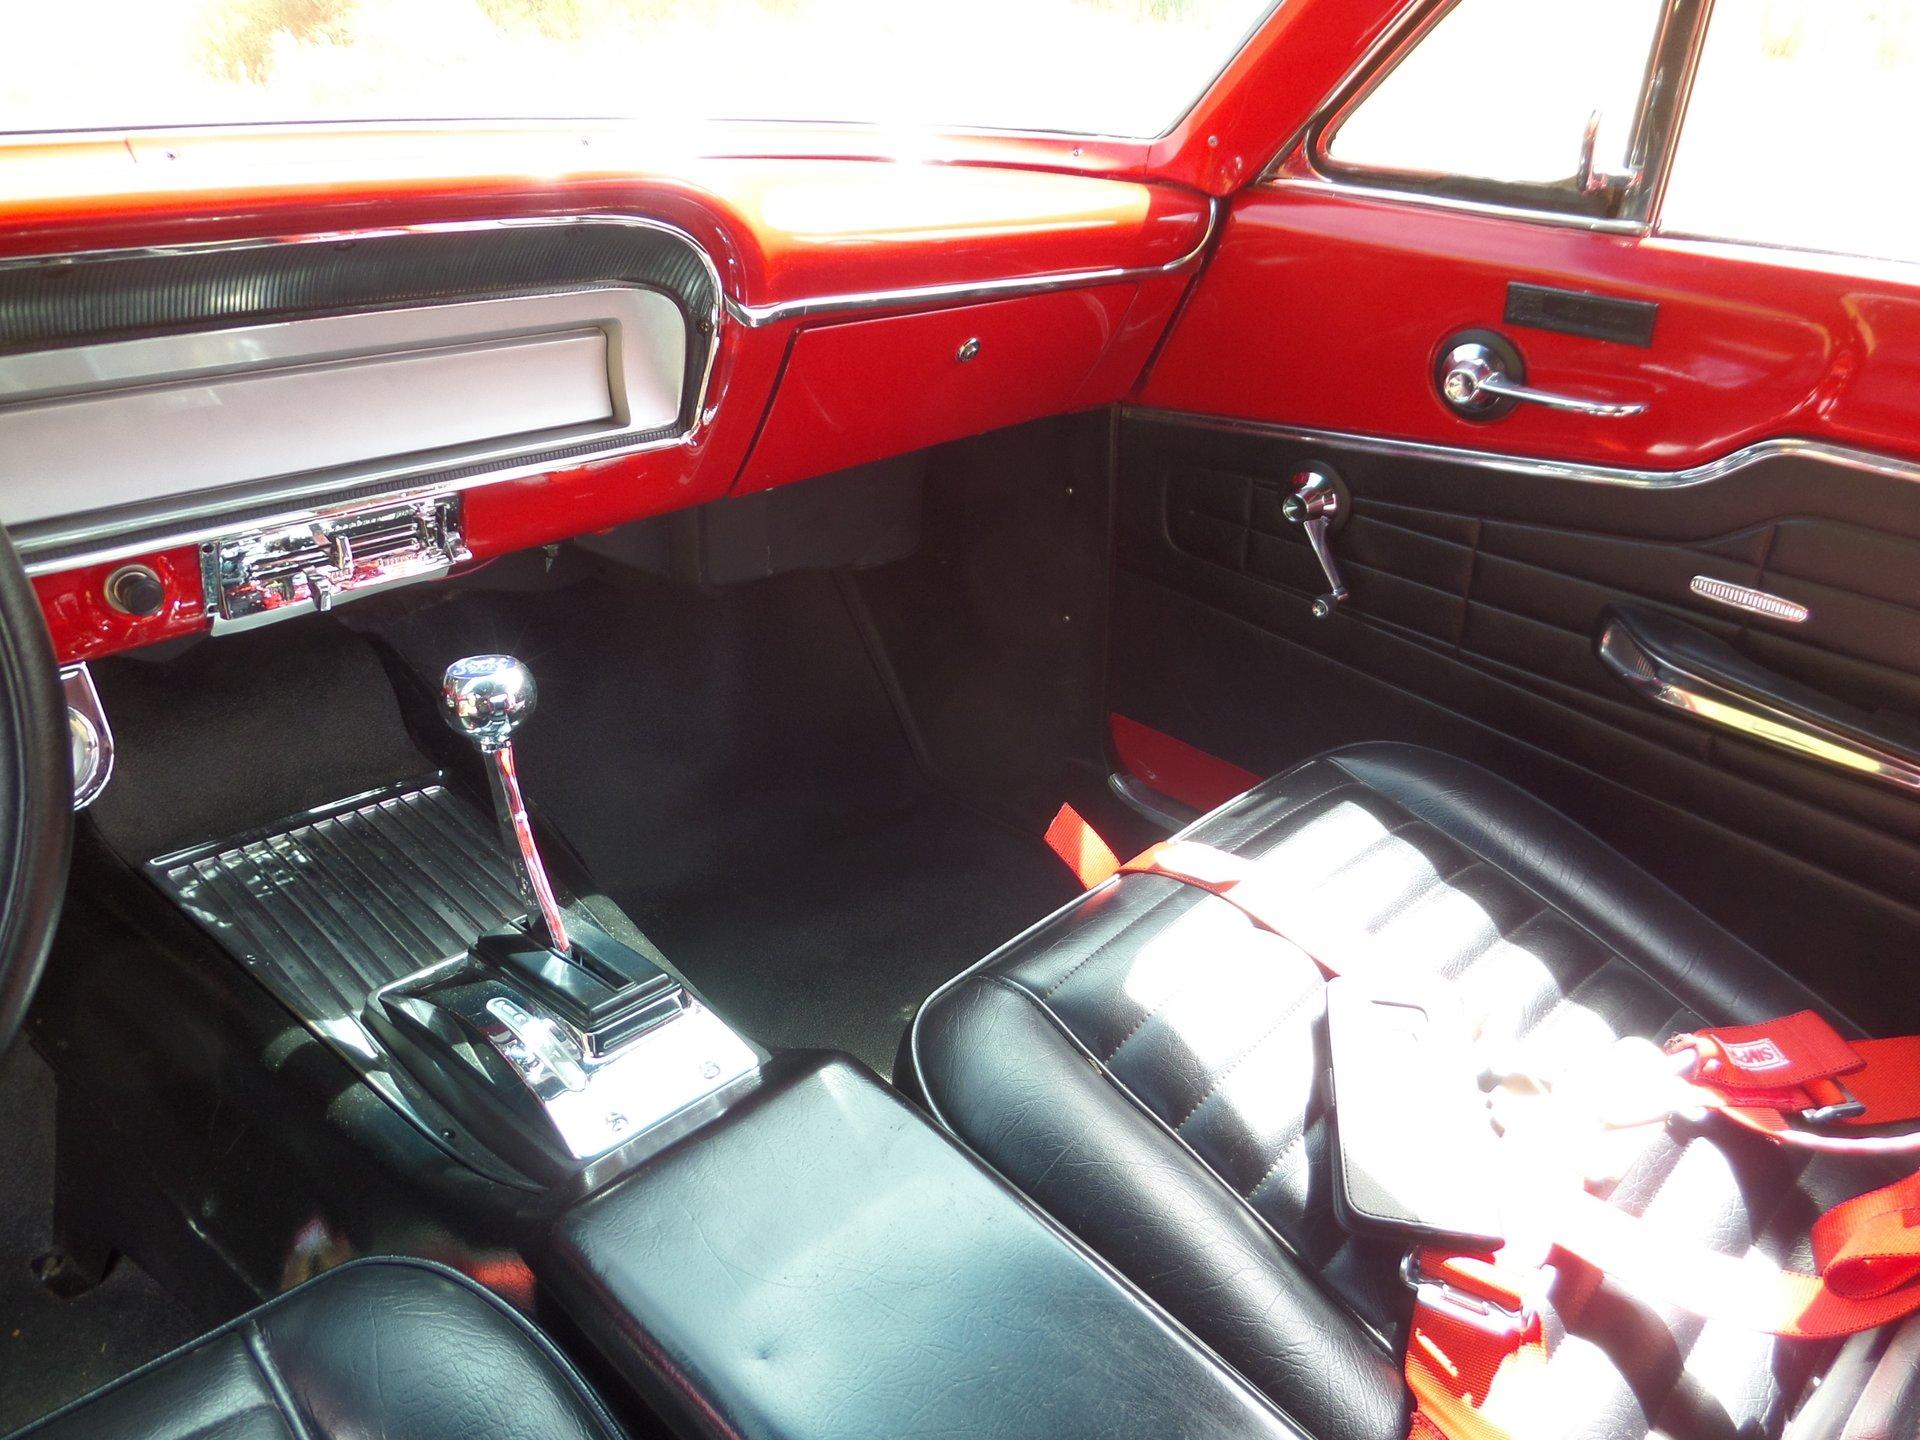 1964 Ford Fairlane | Laguna Classic Cars & Automotive Art